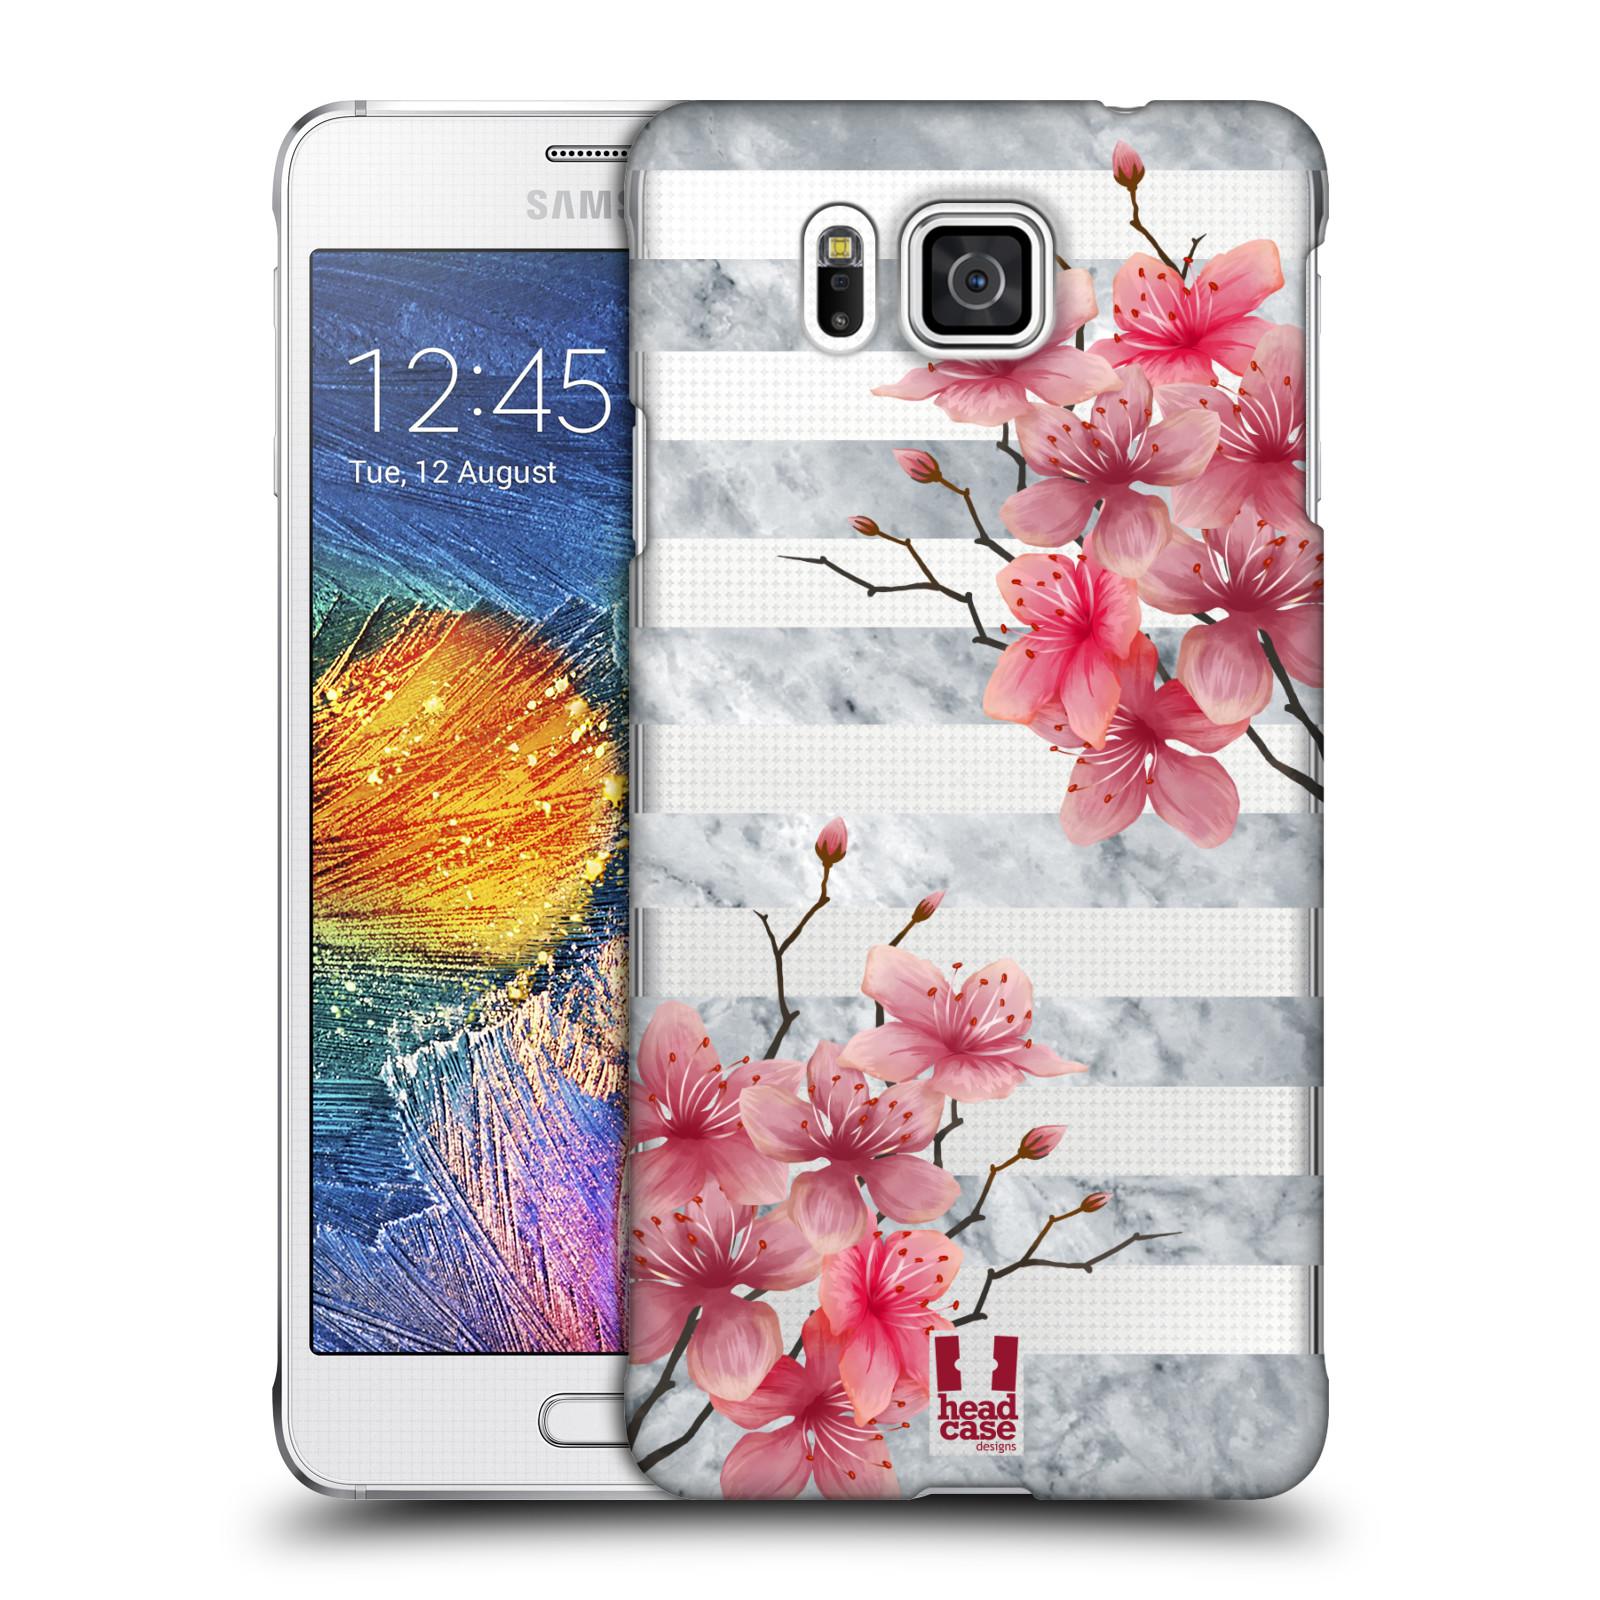 Plastové pouzdro na mobil Samsung Galaxy Alpha - Head Case - Kvítka a mramor